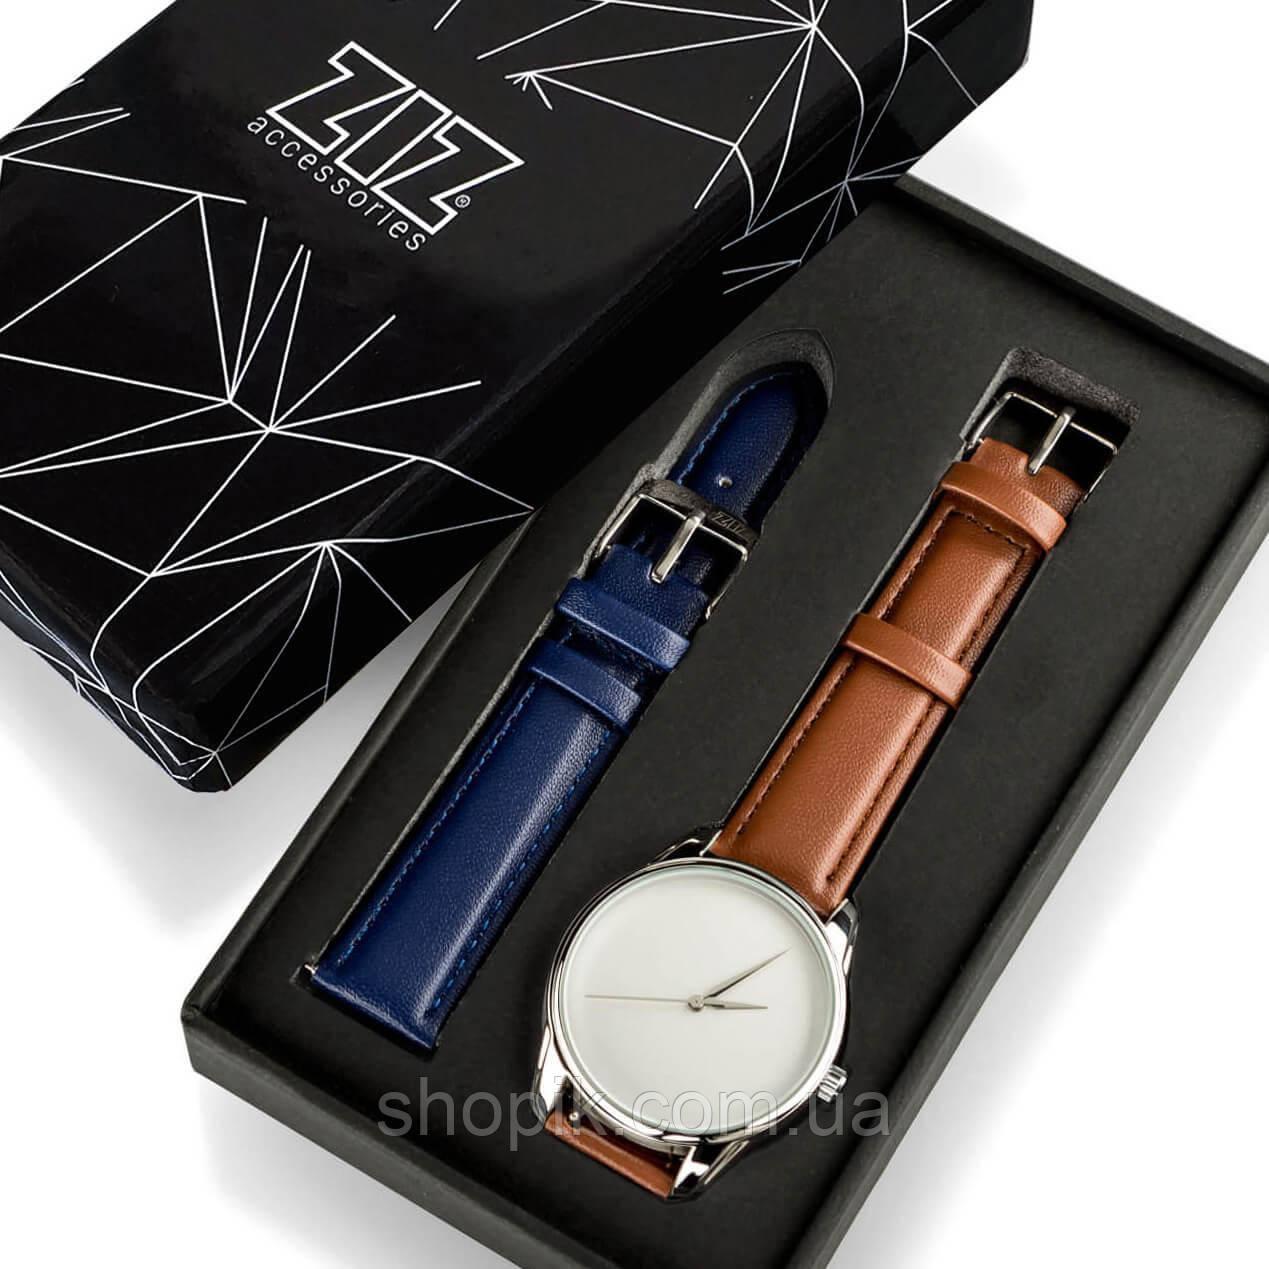 Годинник ZIZ Мінімалізм (ремінець кавово - шоколадний, срібло) + додатковий ремінець SHOPIK